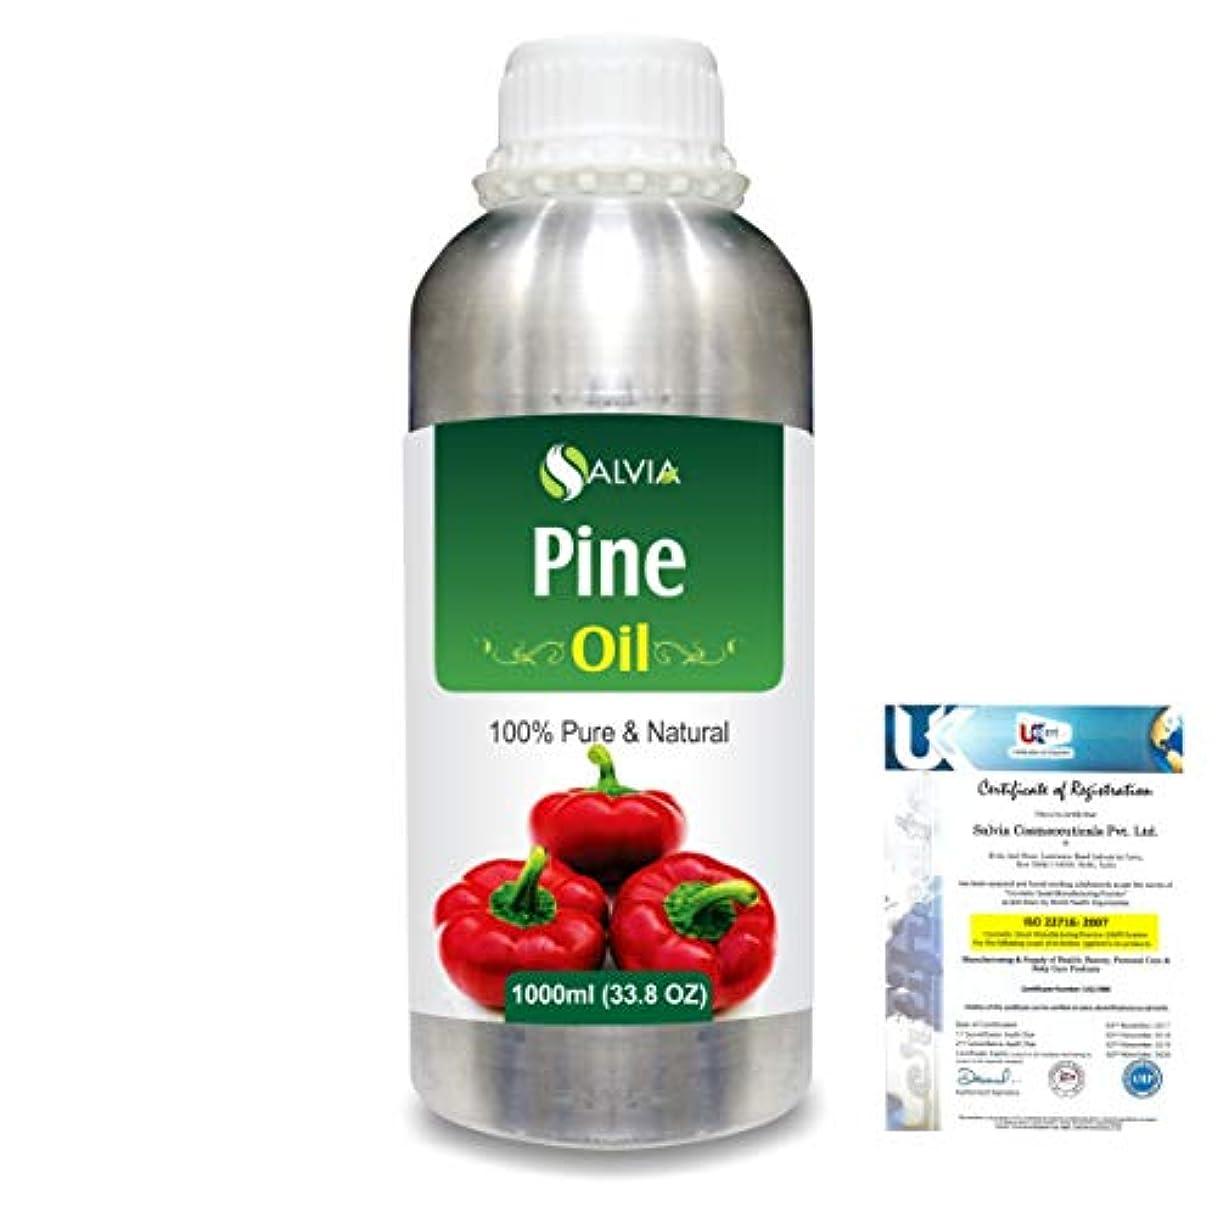 信頼性のあるブロック修正するPine (Pinus Sylvestris) 100% Natural Pure Essential Oil 1000ml/33.8fl.oz.